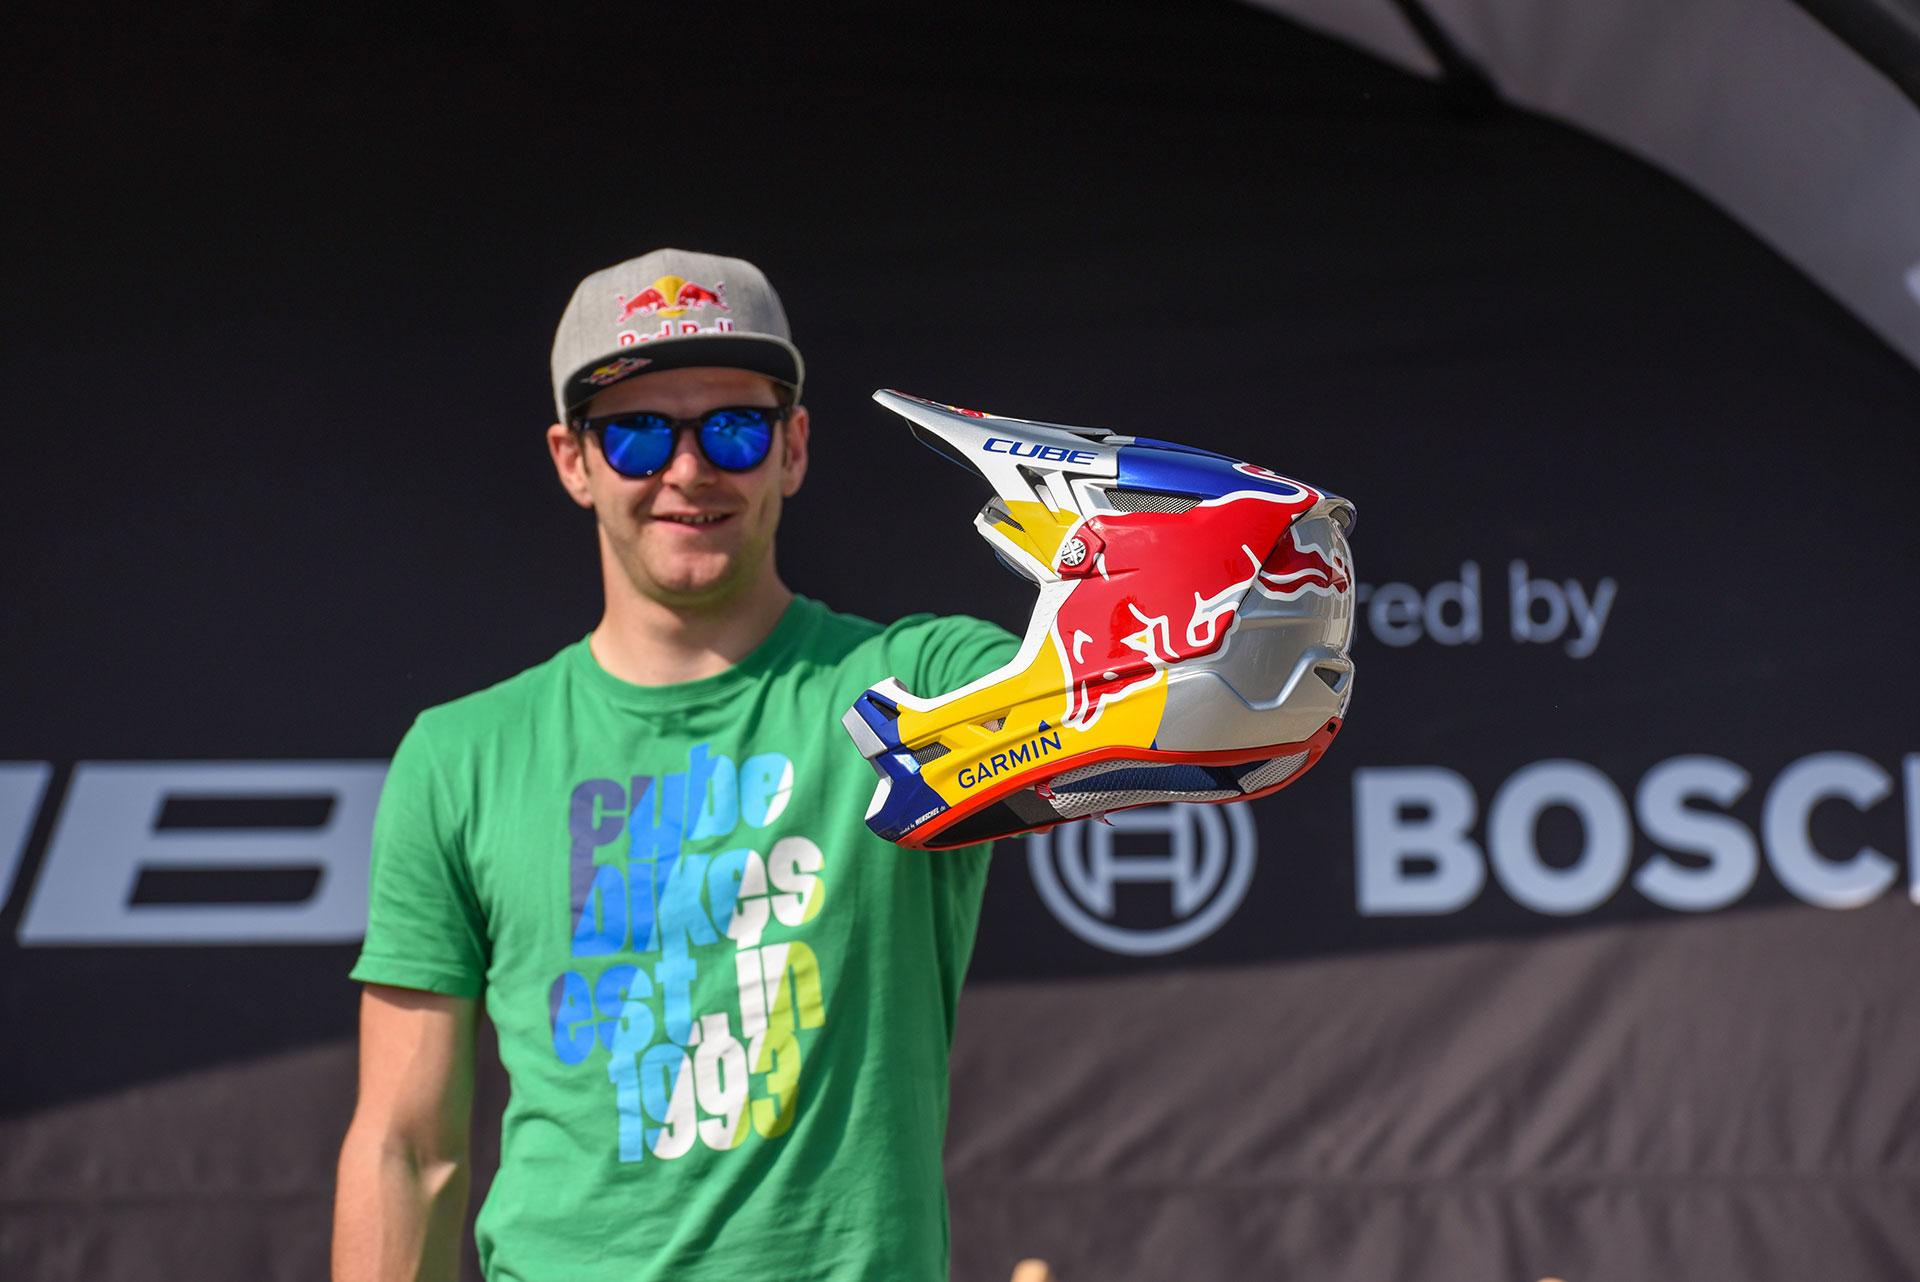 Véritable consécration pour un athlète, Greg Callaghan fait à présent partie du Red Bull Media House. © Claus Wachsmann